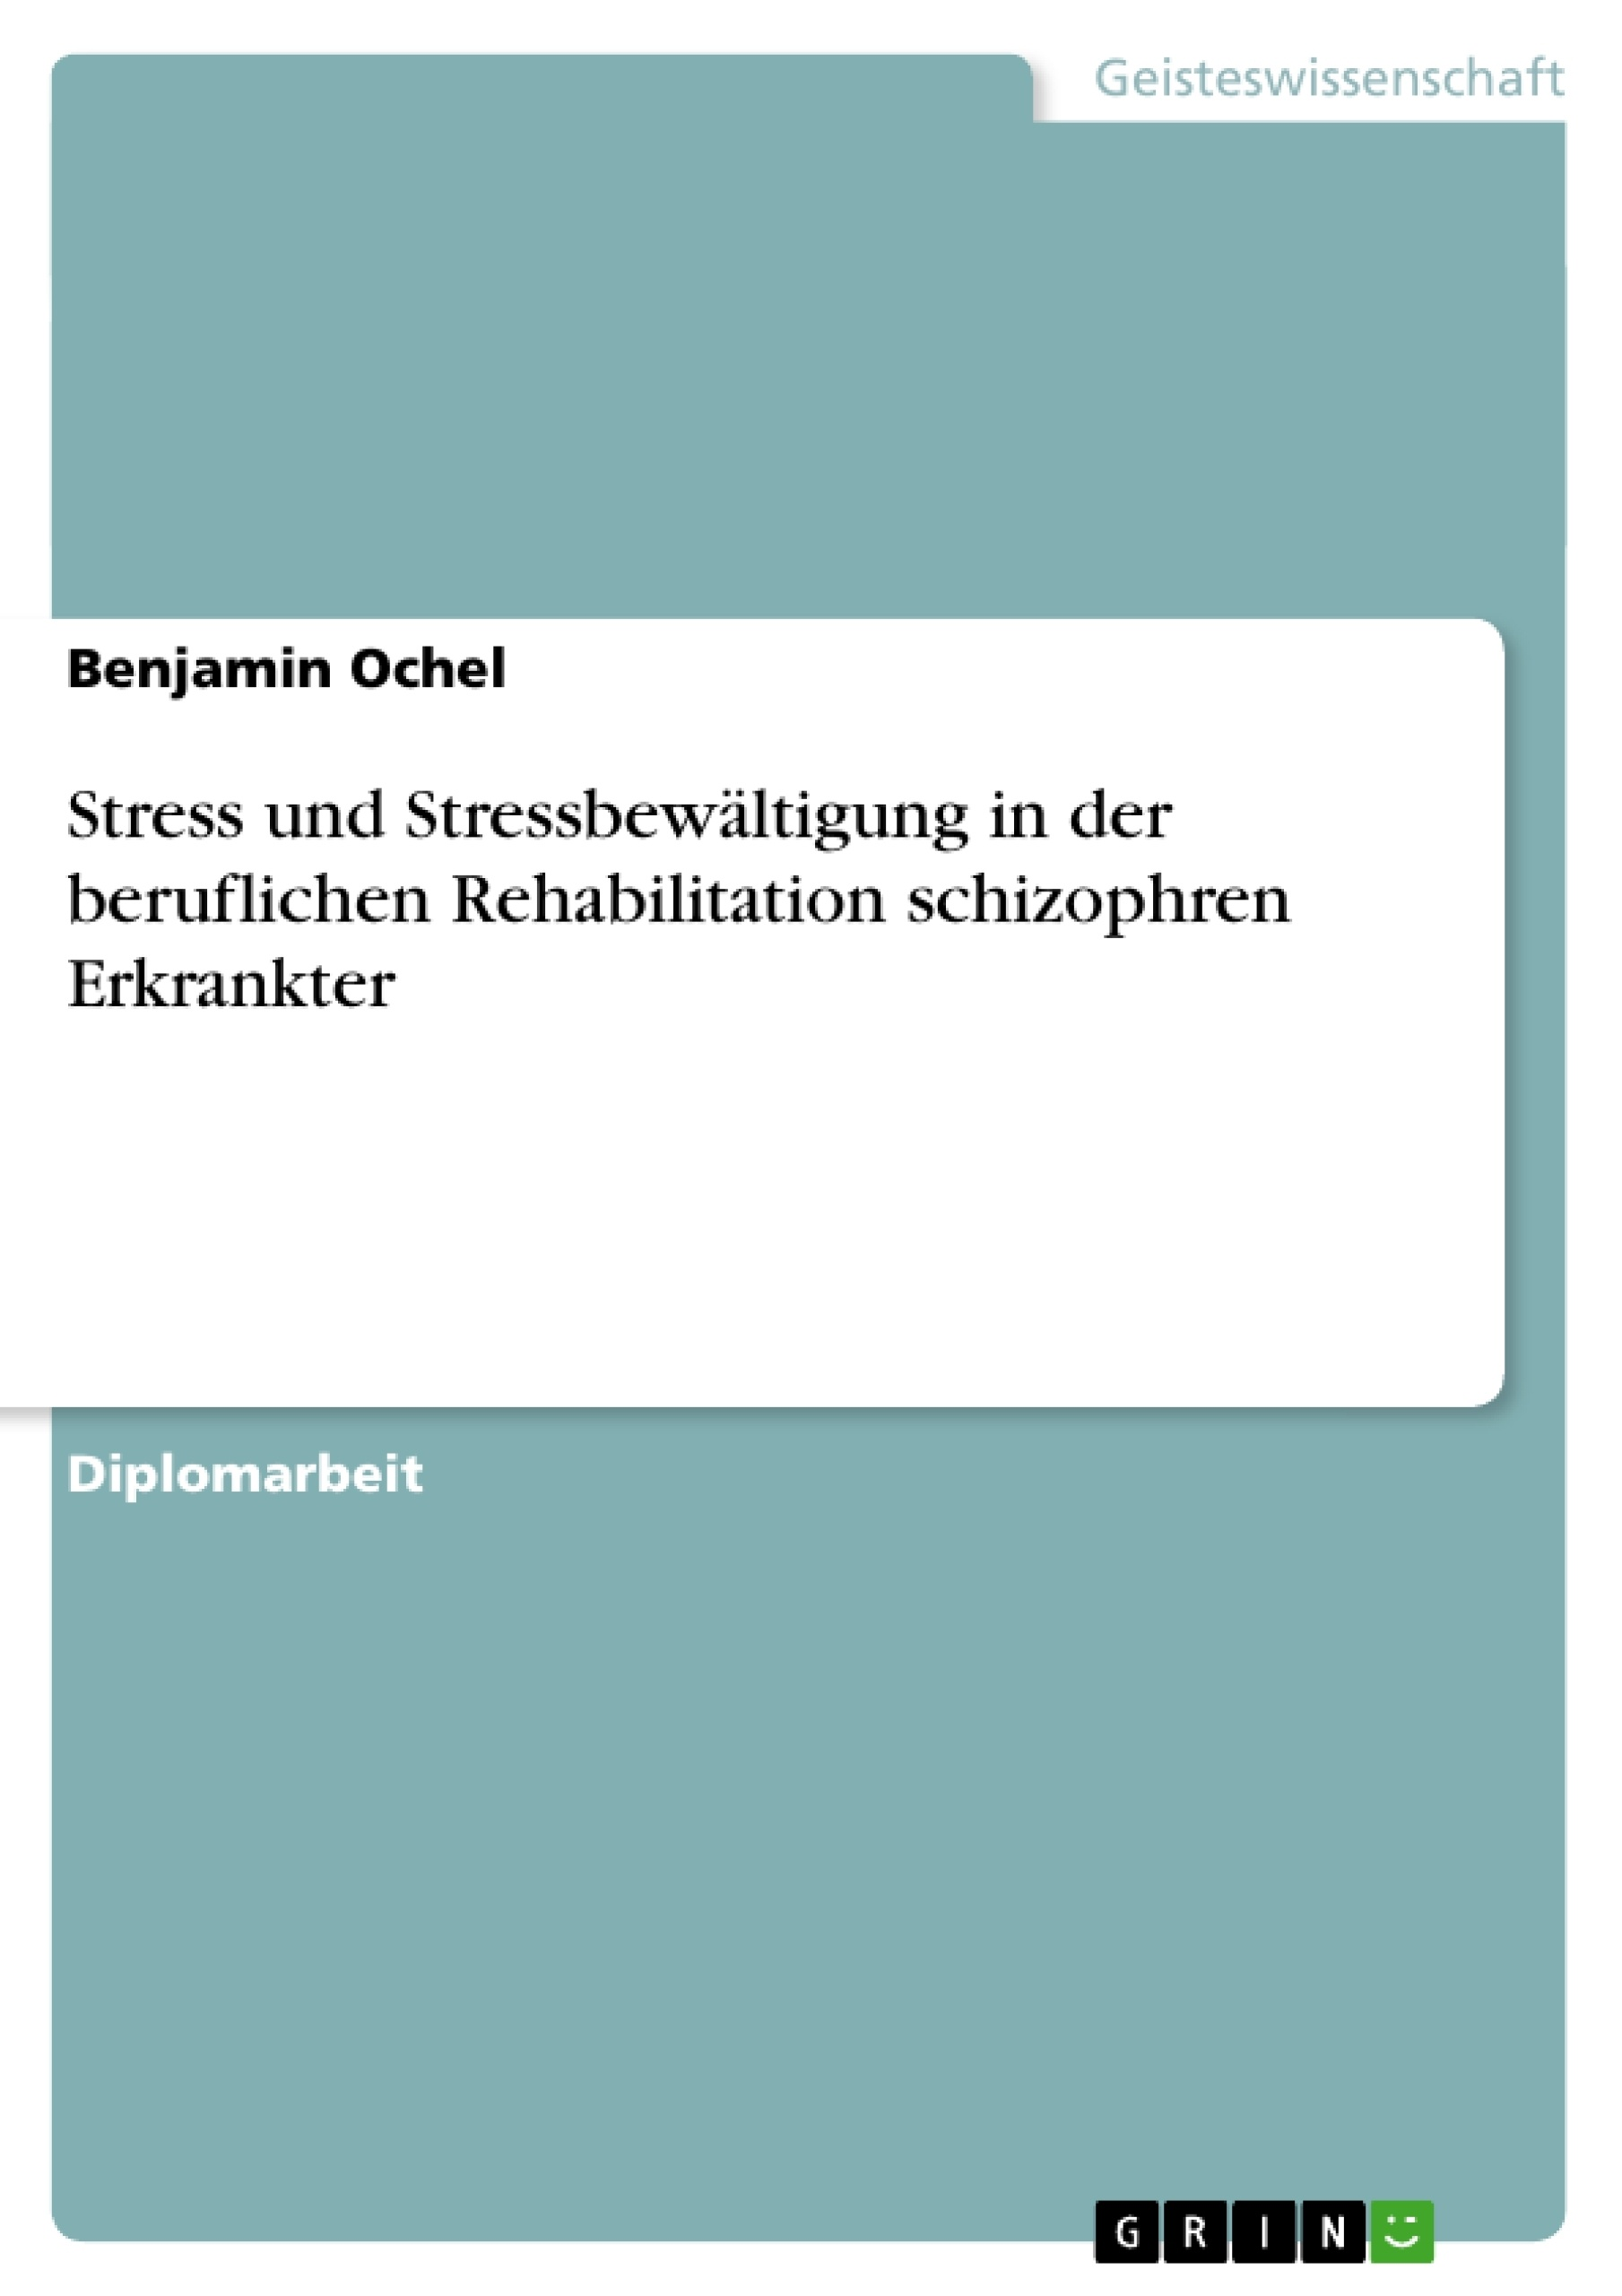 Titel: Stress und Stressbewältigung in der beruflichen Rehabilitation schizophren Erkrankter